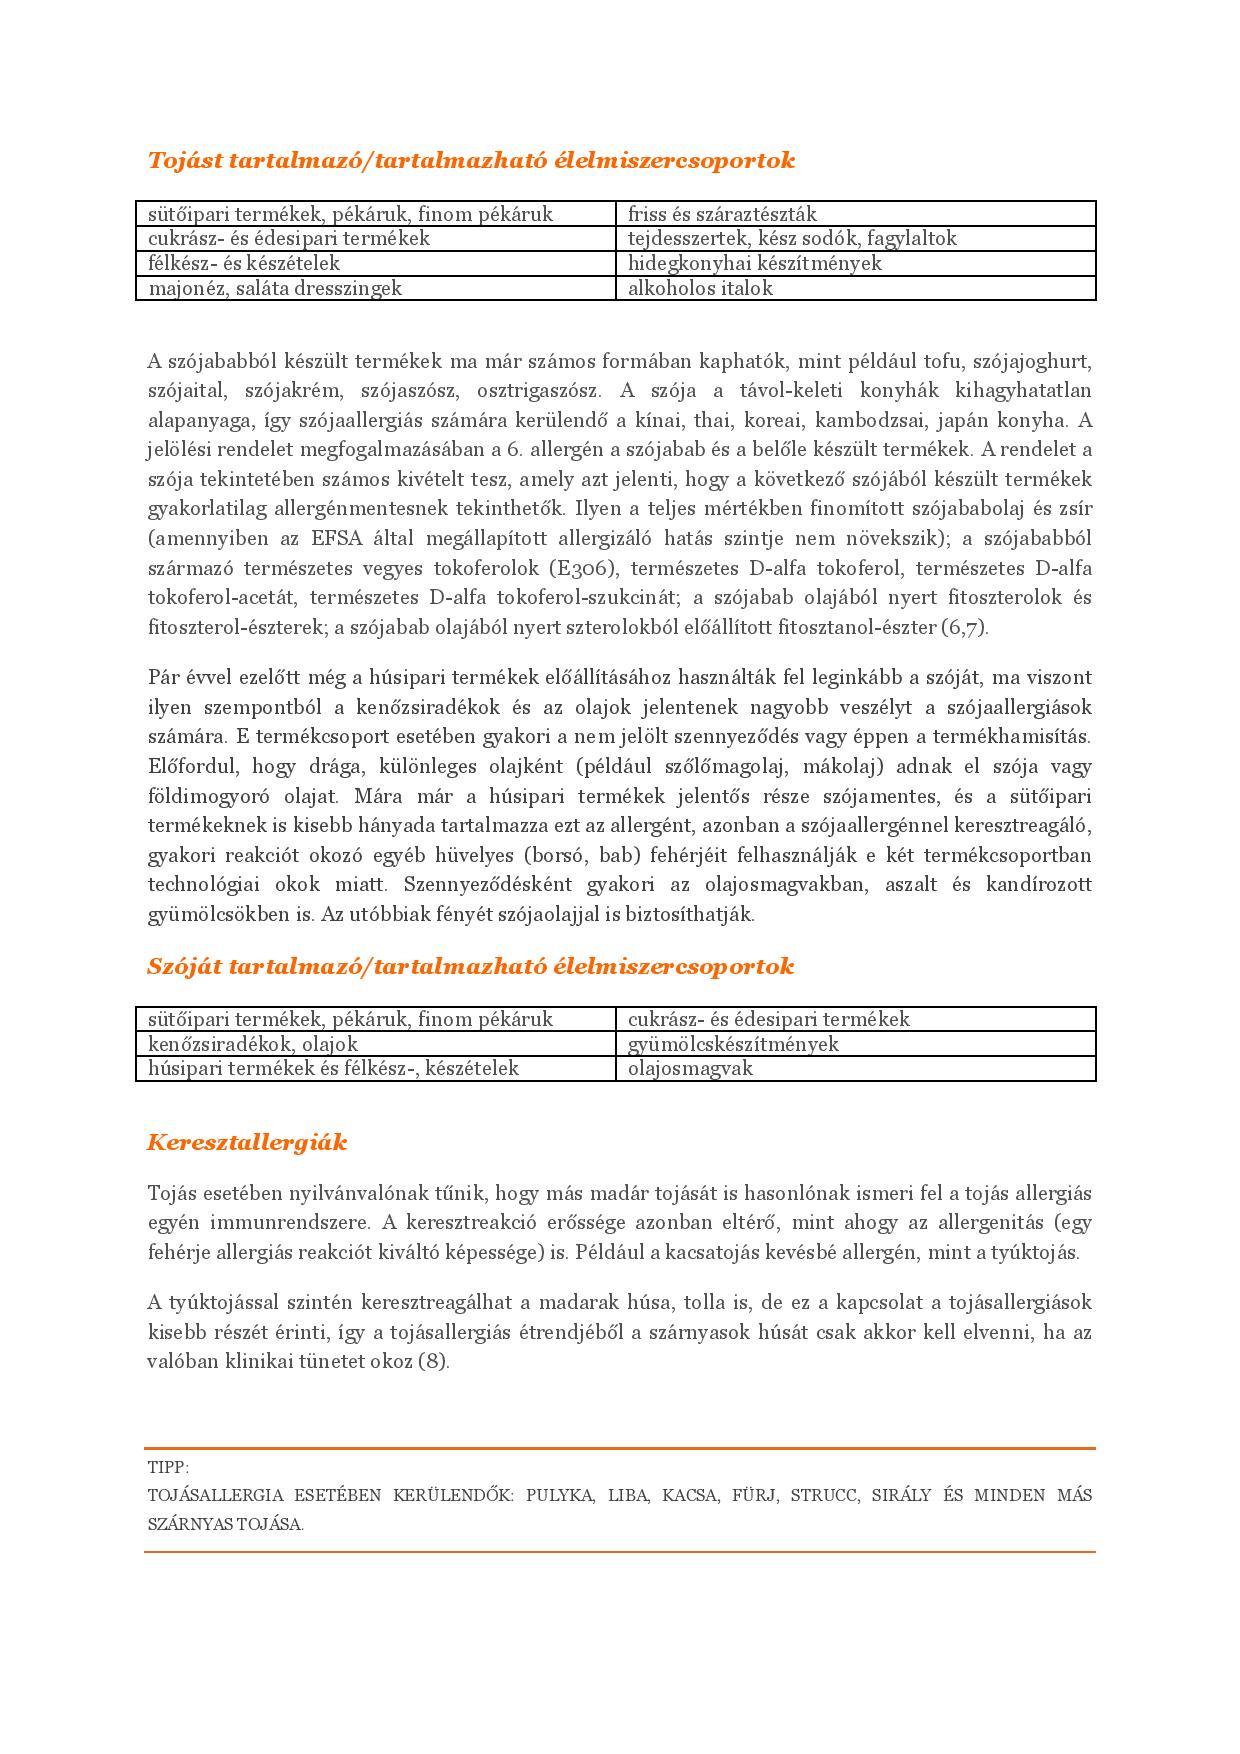 taplalkozasi_akademia_2016_02_tojas-_szojaallergia_160225-page-004